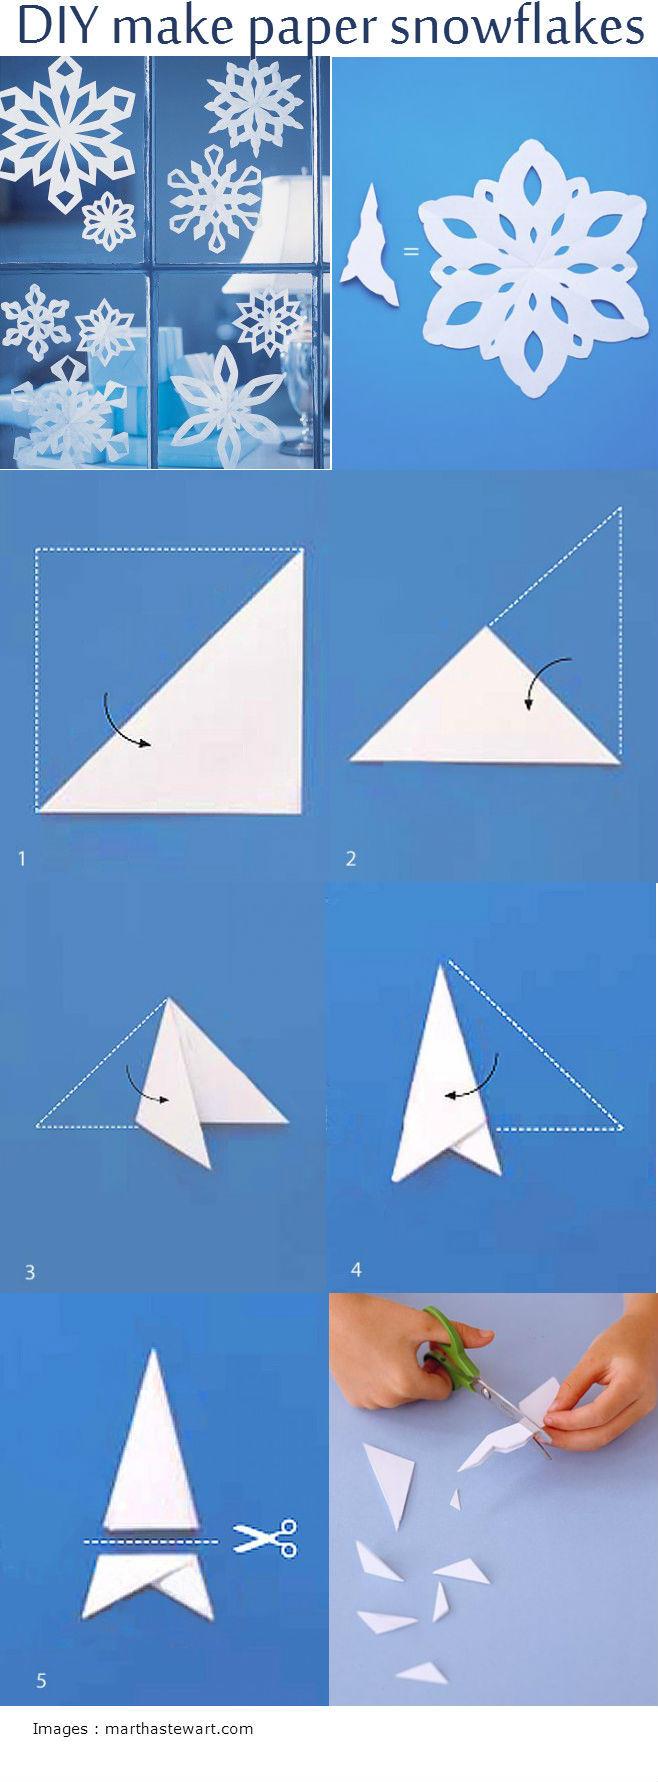 diy make paper snowflakes